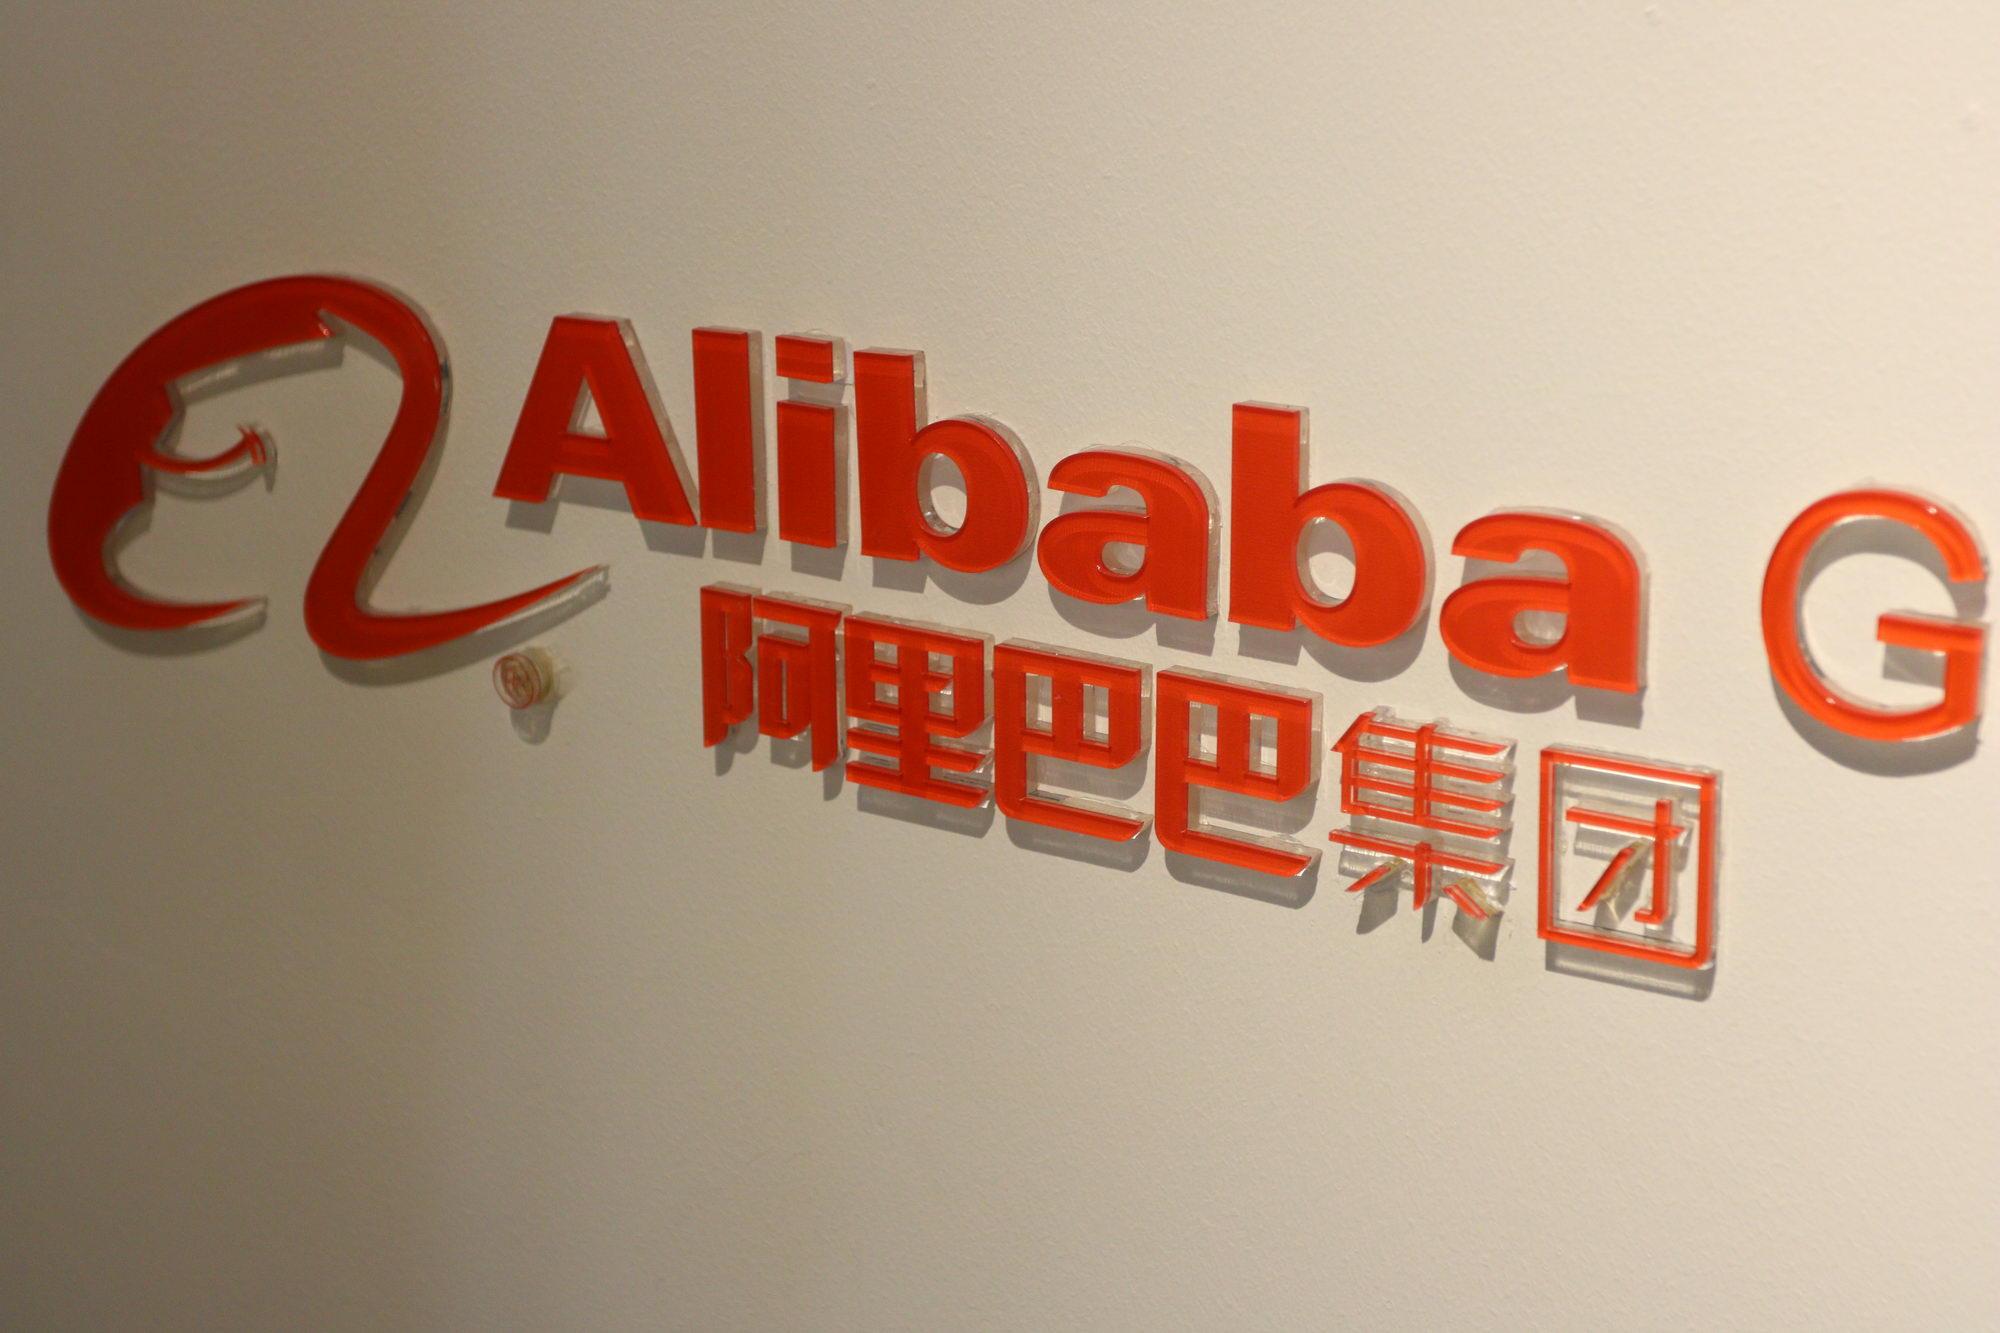 阿里张勇:阿里开始向农村全面开放沉淀20年的数字化能力_人物_电商之家